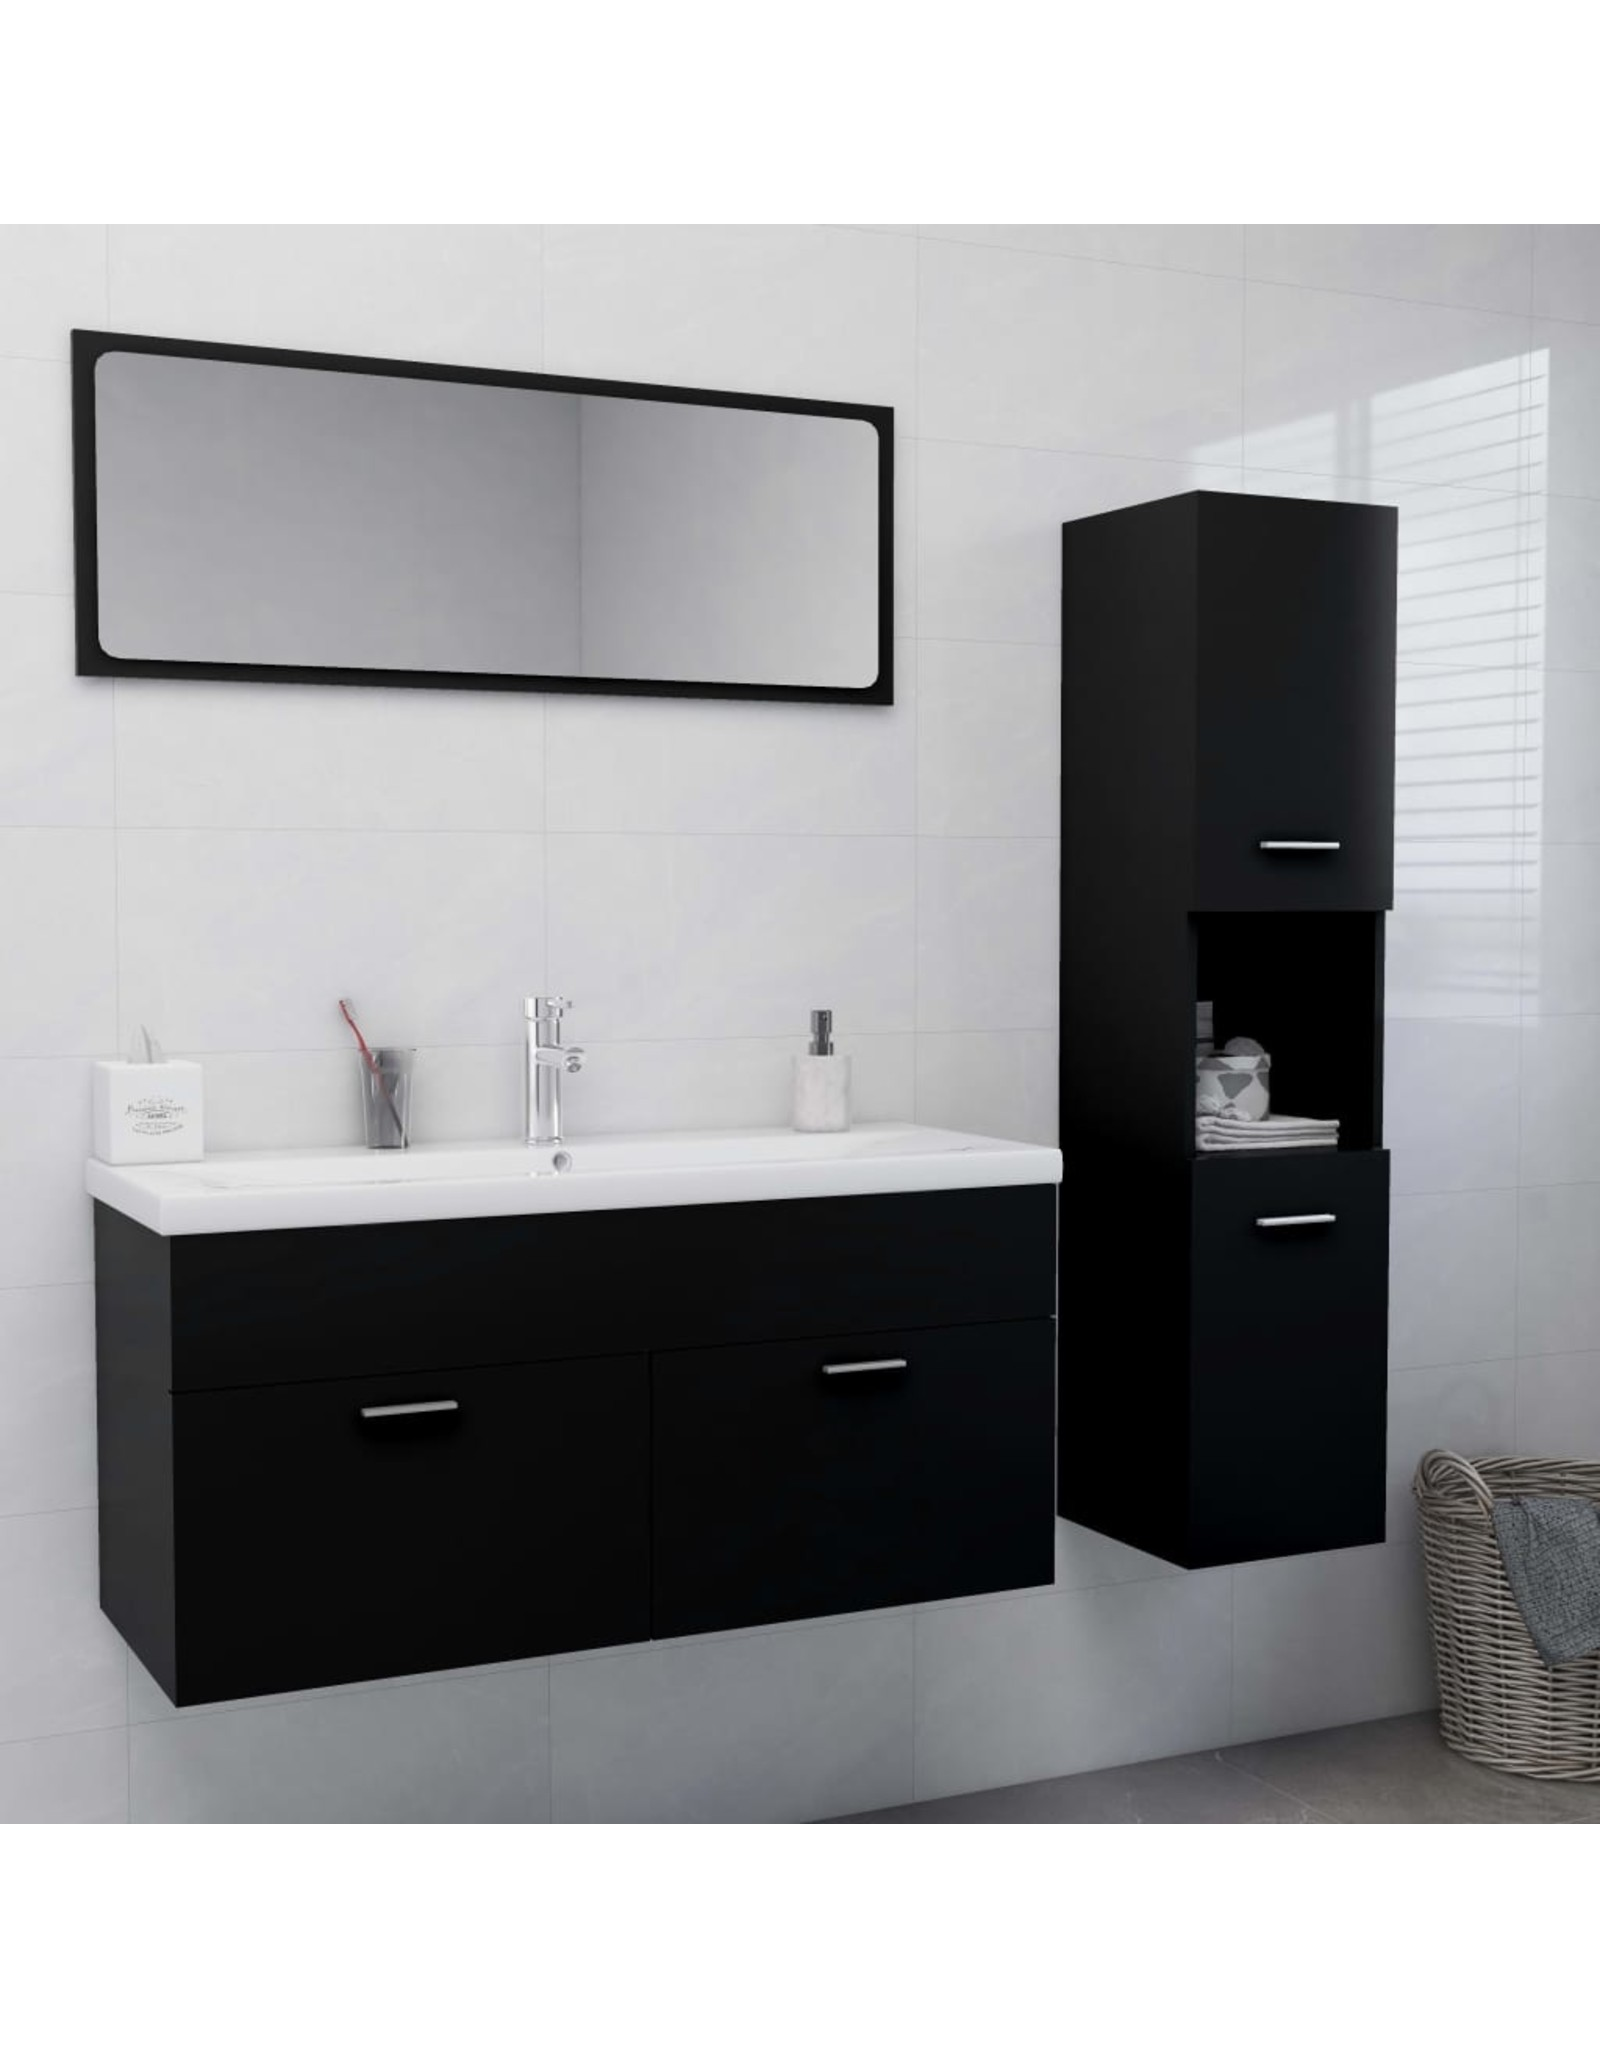 Badkamermeubelset spaanplaat zwart